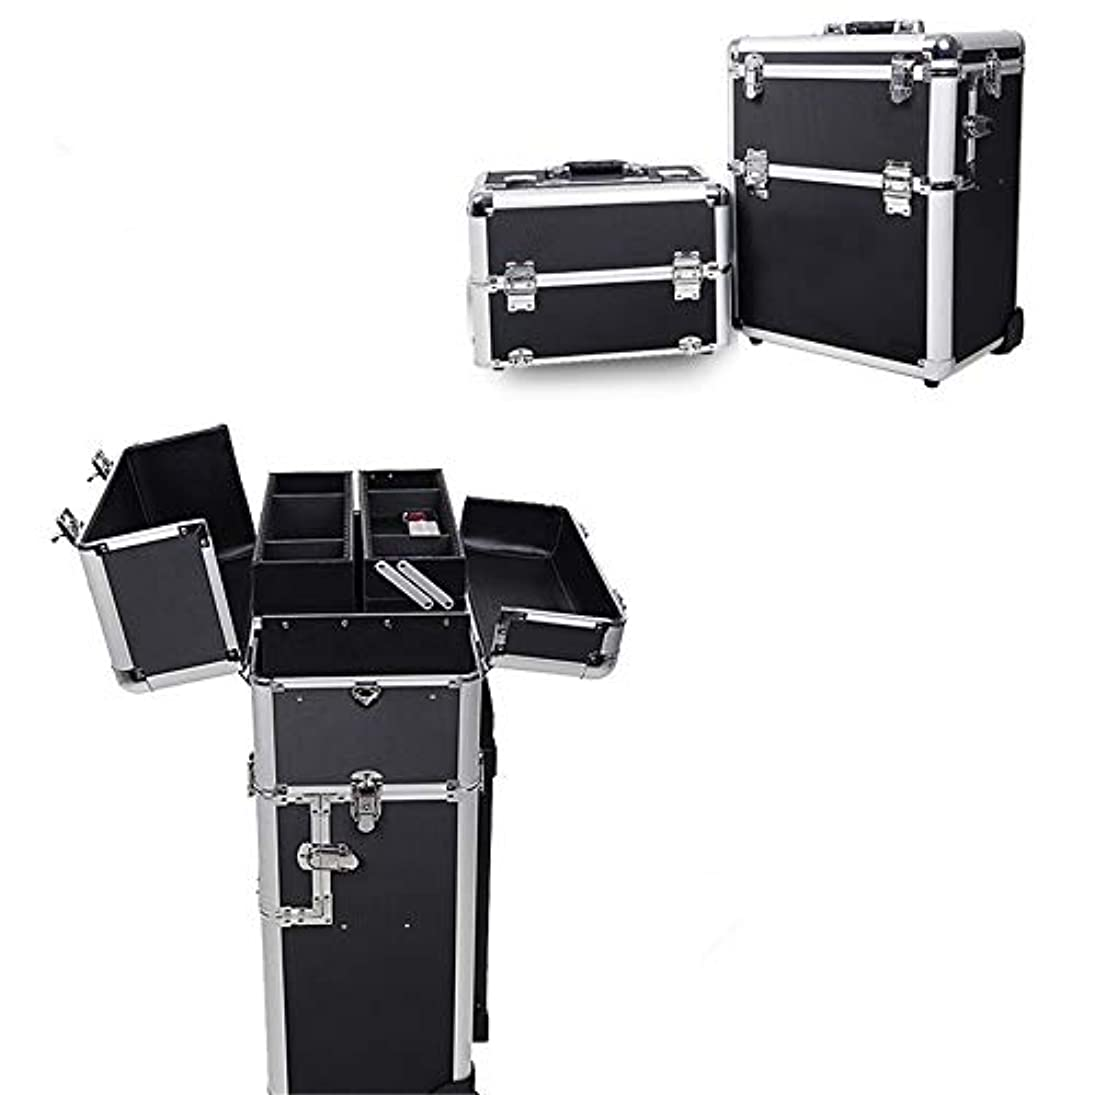 用心するベルト承知しました化粧オーガナイザーバッグ 旅行メイクバッグ3層スーツケースメイク化粧品バッグポータブルトイレタージュ化粧ケース 化粧品ケース